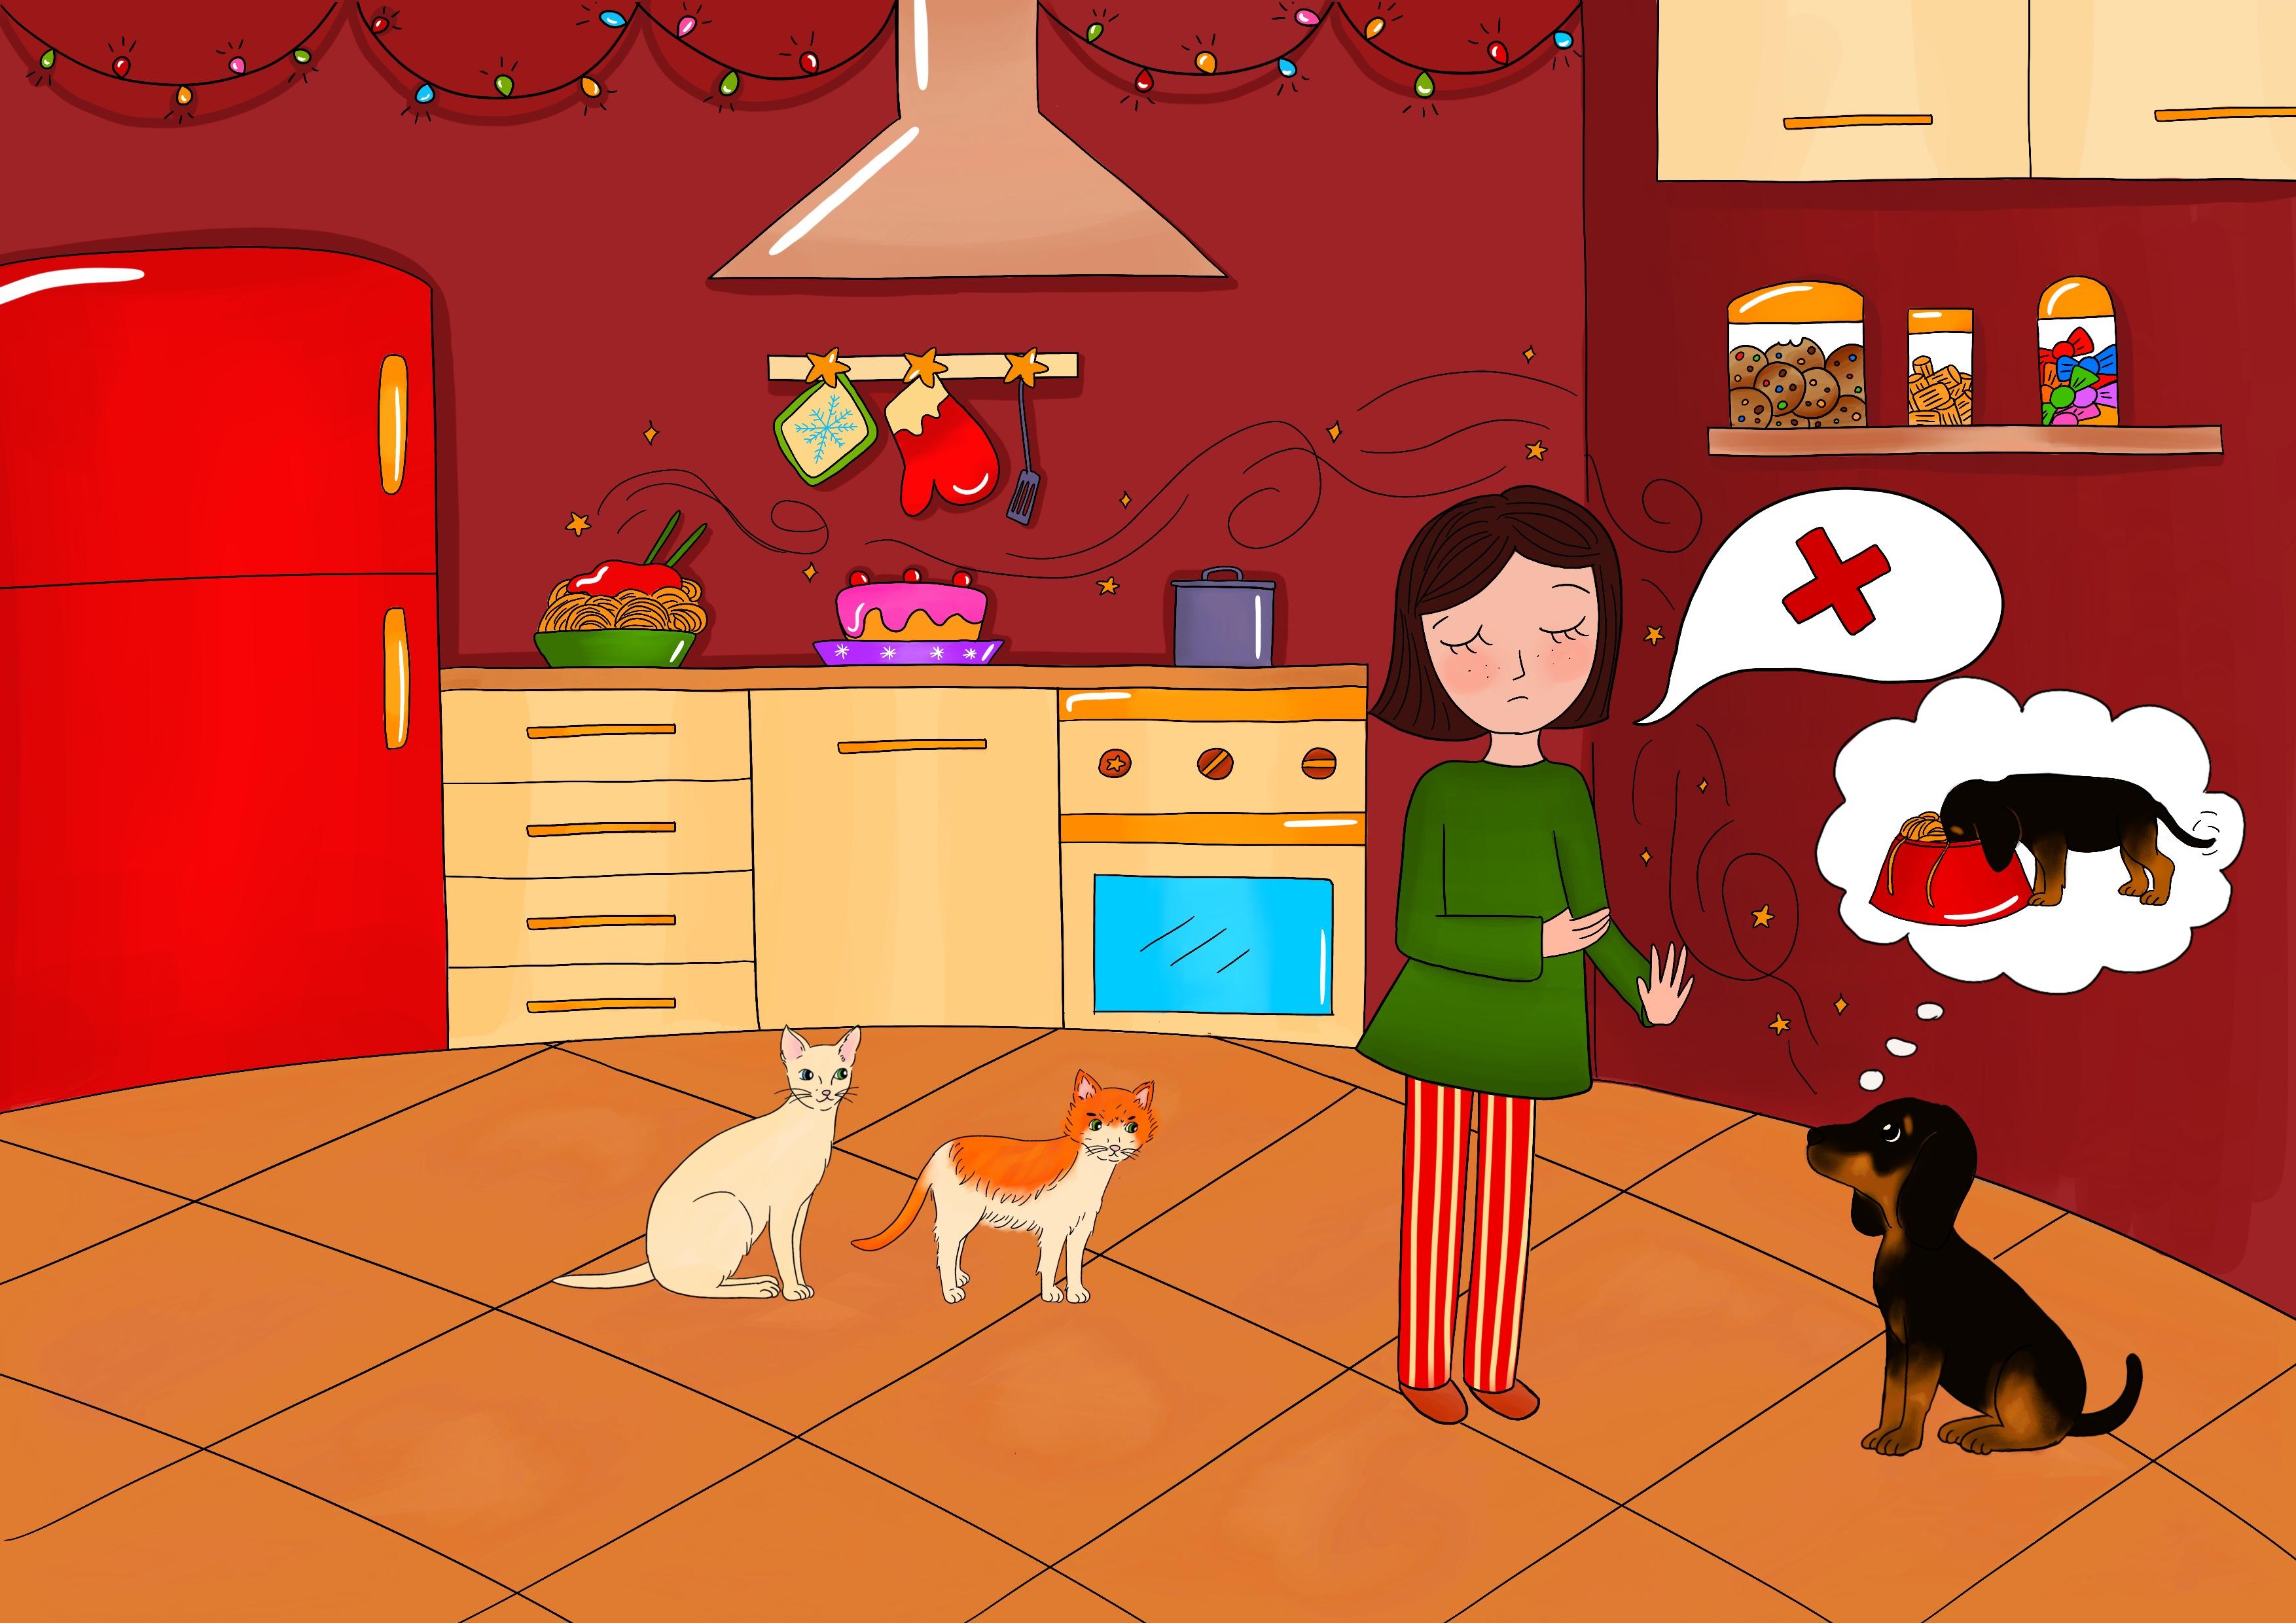 Candito racconta a Cicciobello di non poter entrare in cucina